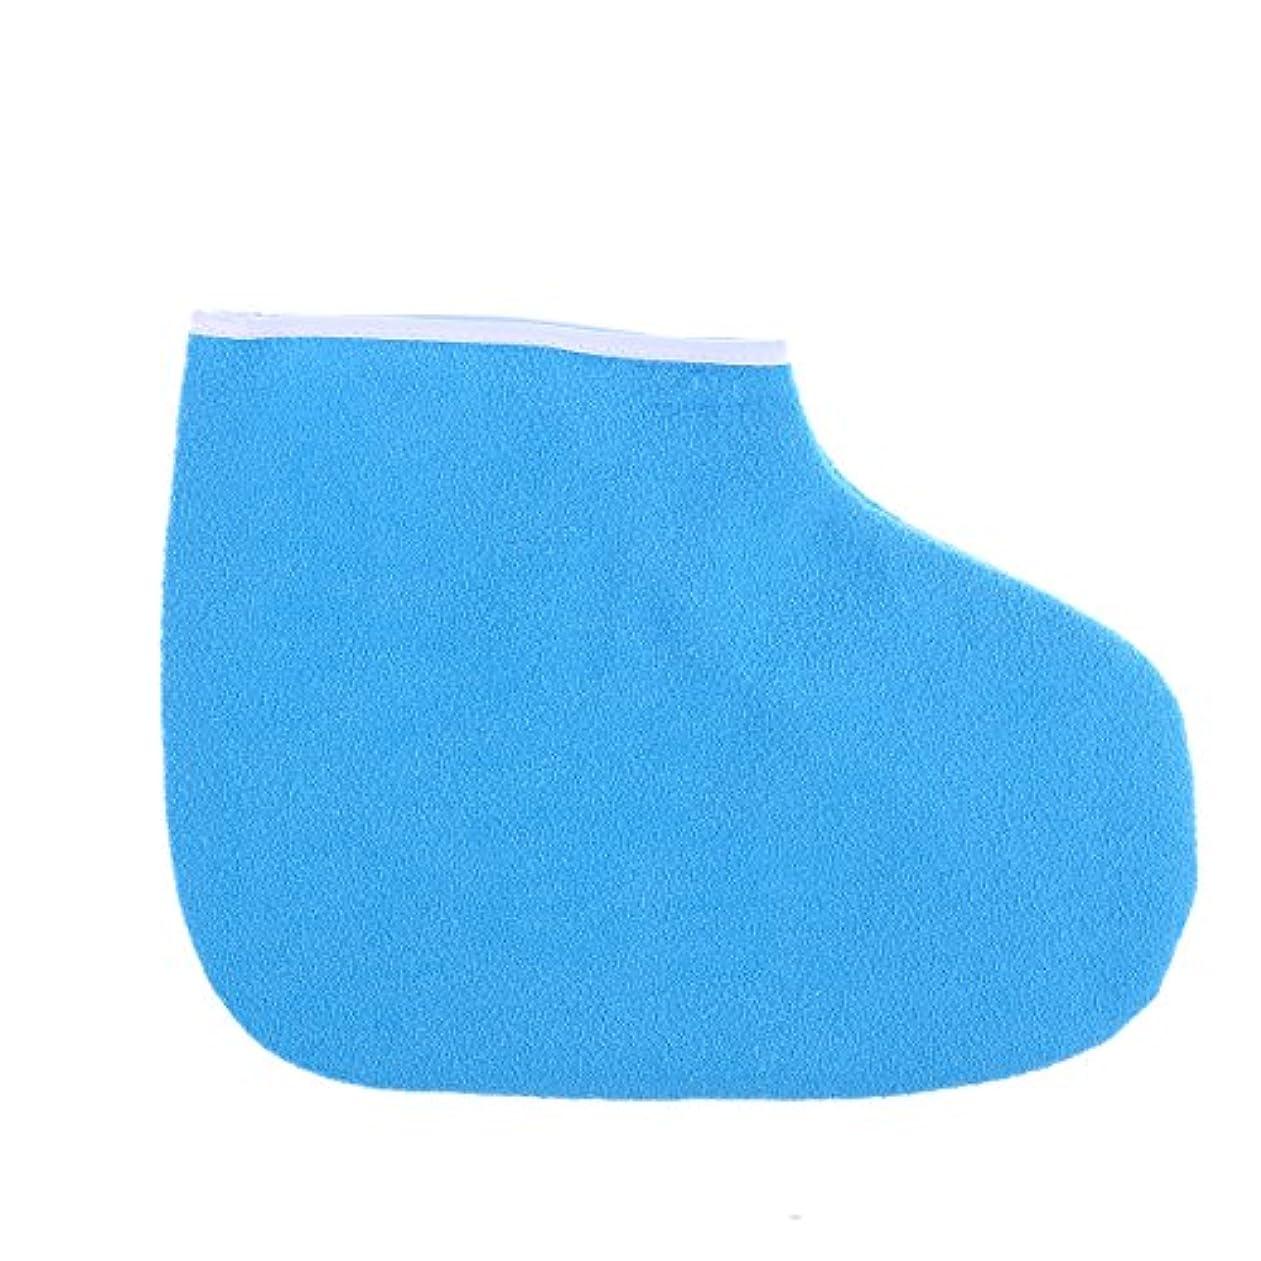 離す促すハドルHealifty パラフィンワックスブーティーマニキュアペディキュアトリートメントブーツ(ブルー)